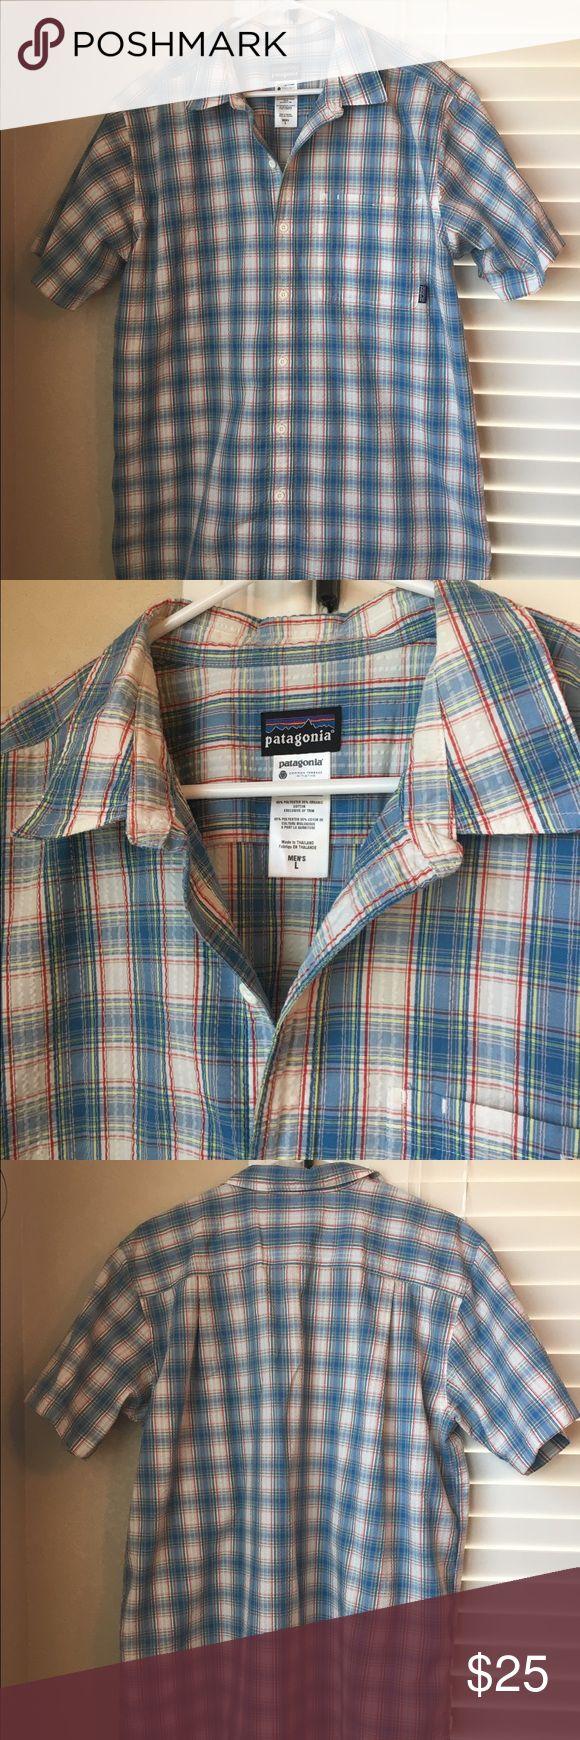 EUC, Men's Patagonia Shirt, Large EUC, Men's Patagonia Shirt, Large. From a smoke free home. Patagonia Shirts Casual Button Down Shirts